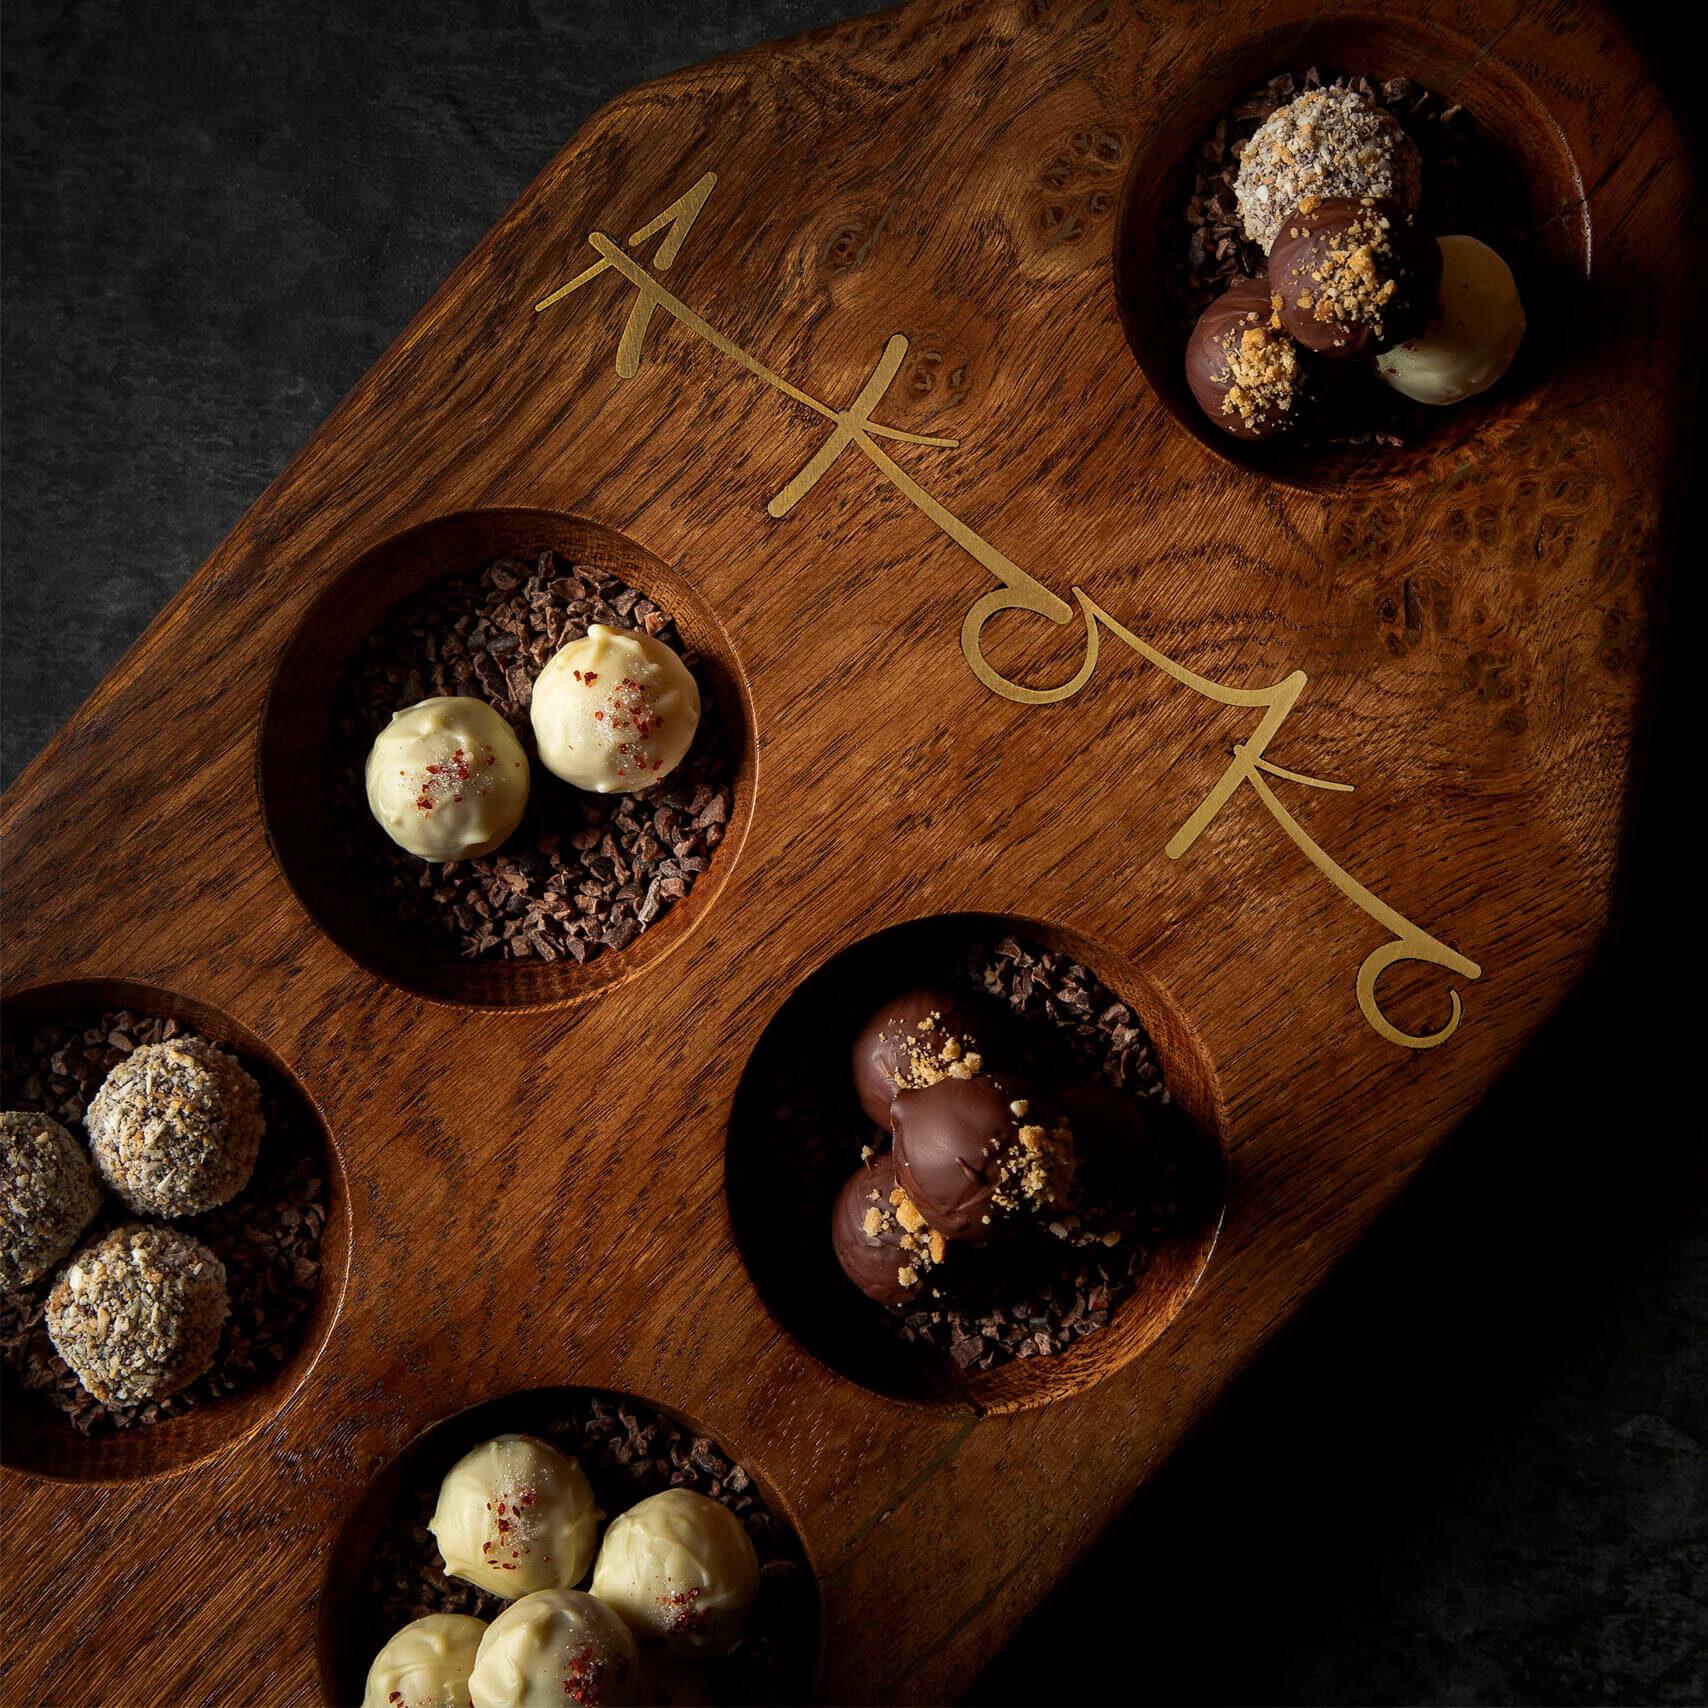 Akoko selection of desserts